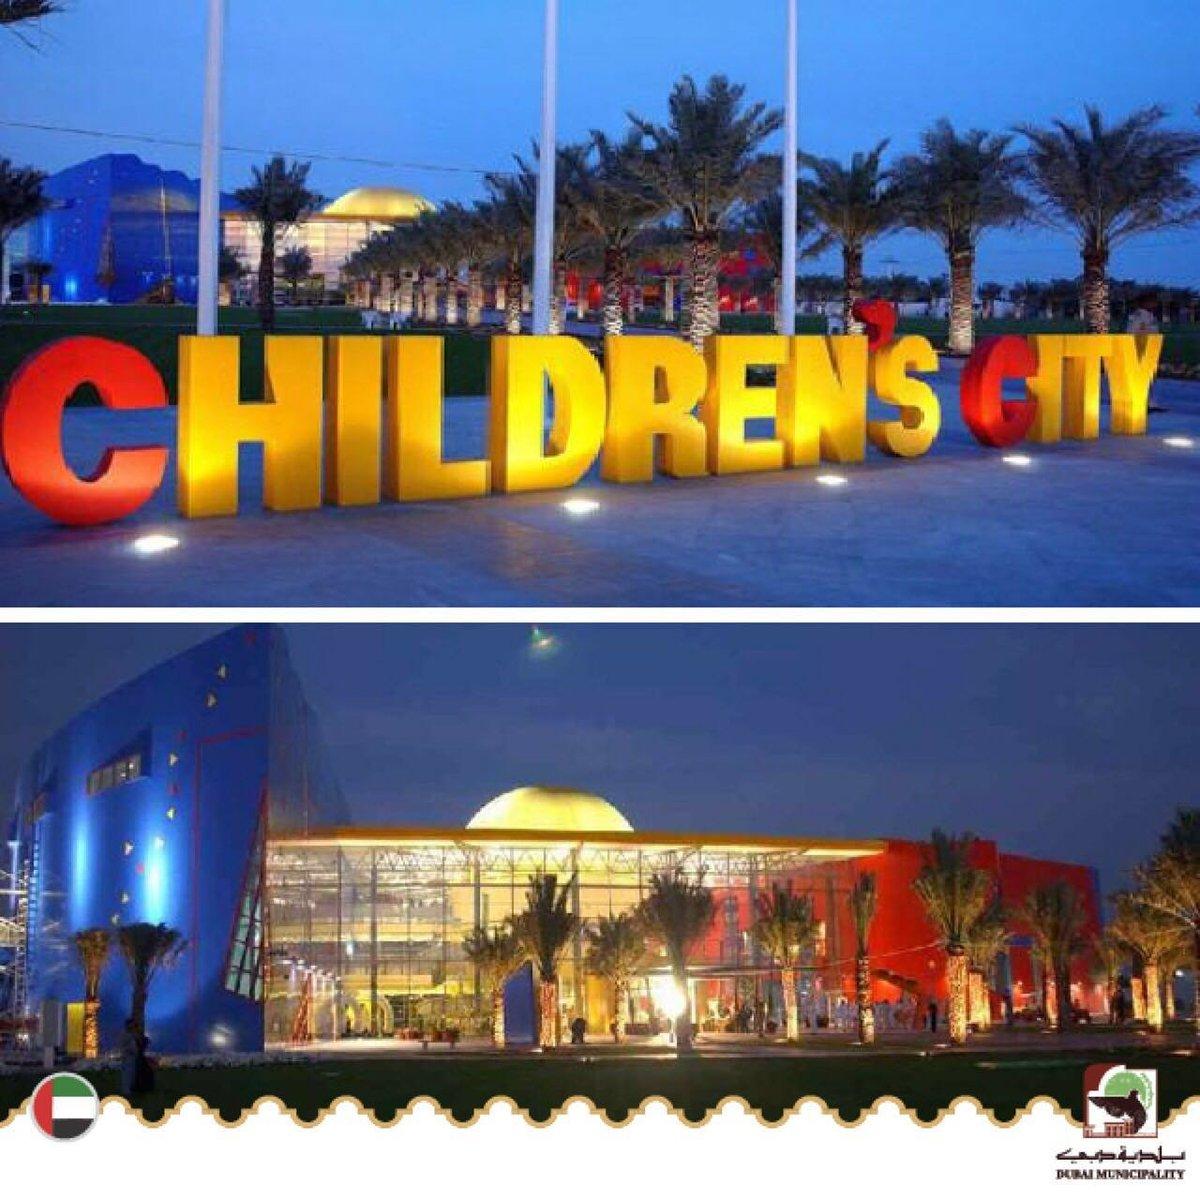 بلدية دبي Dubai Municipality Pa Twitter نود تذكيركم أن مدينة